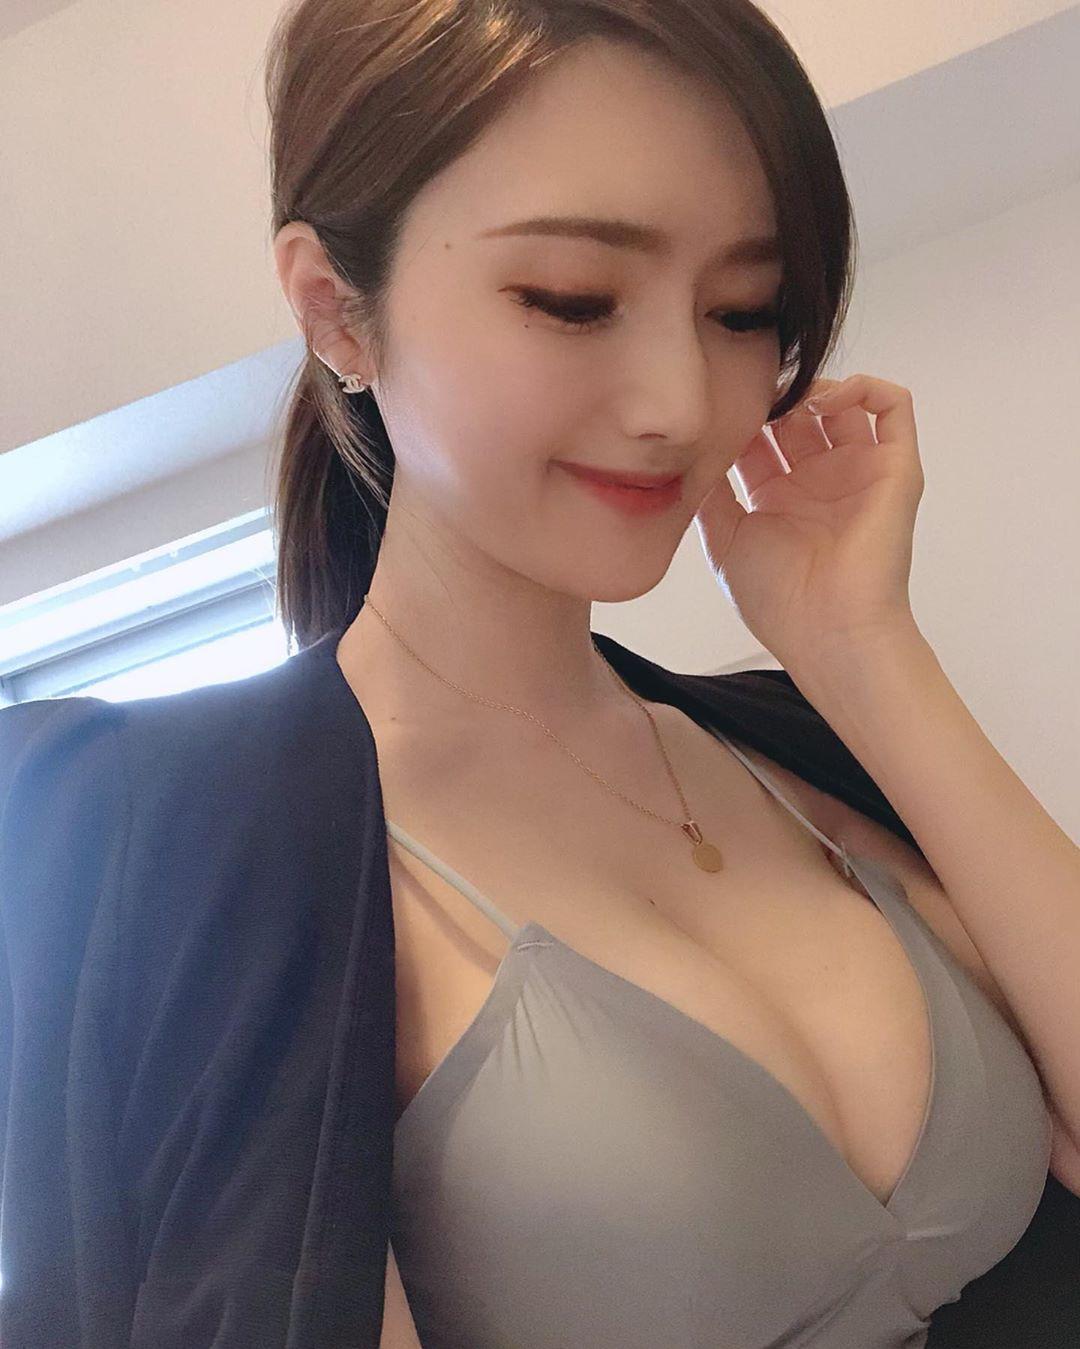 日韩混血儿美女,娃娃脸+丰满身材百变销魂  日韩混血 娃娃脸 第5张